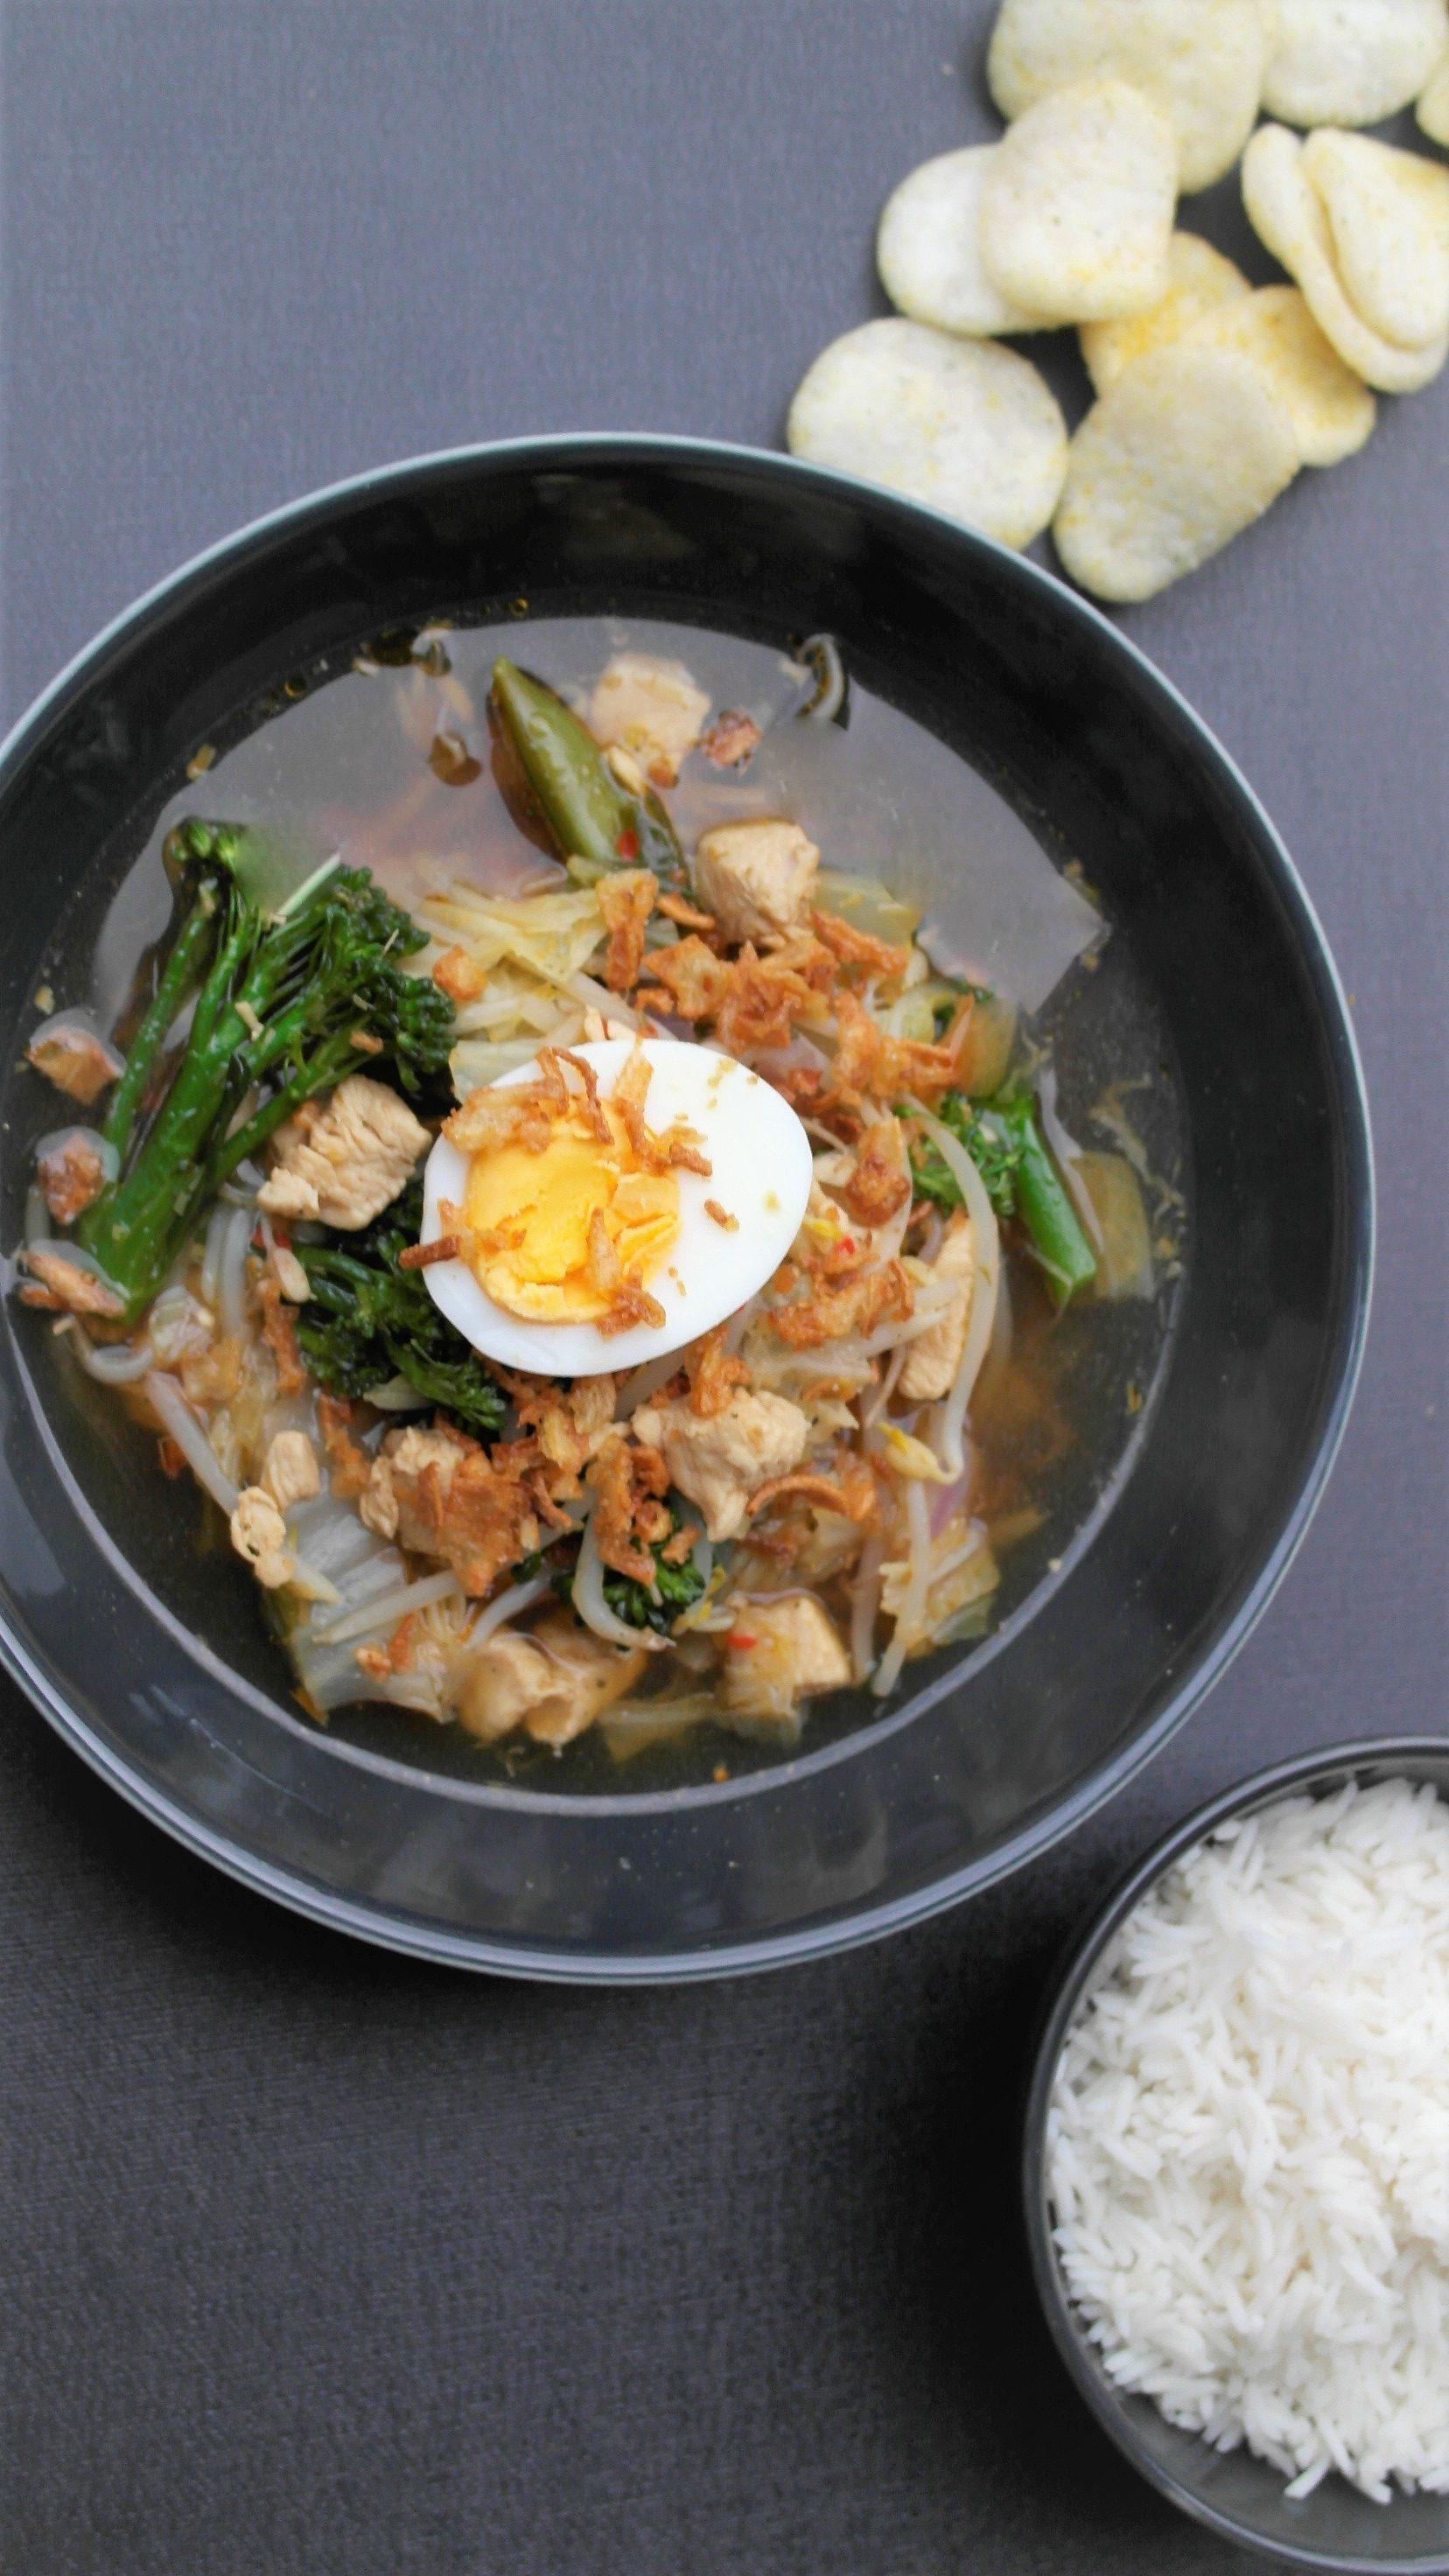 Indonesische, makkelijke sotosoep (ajam) met rijst